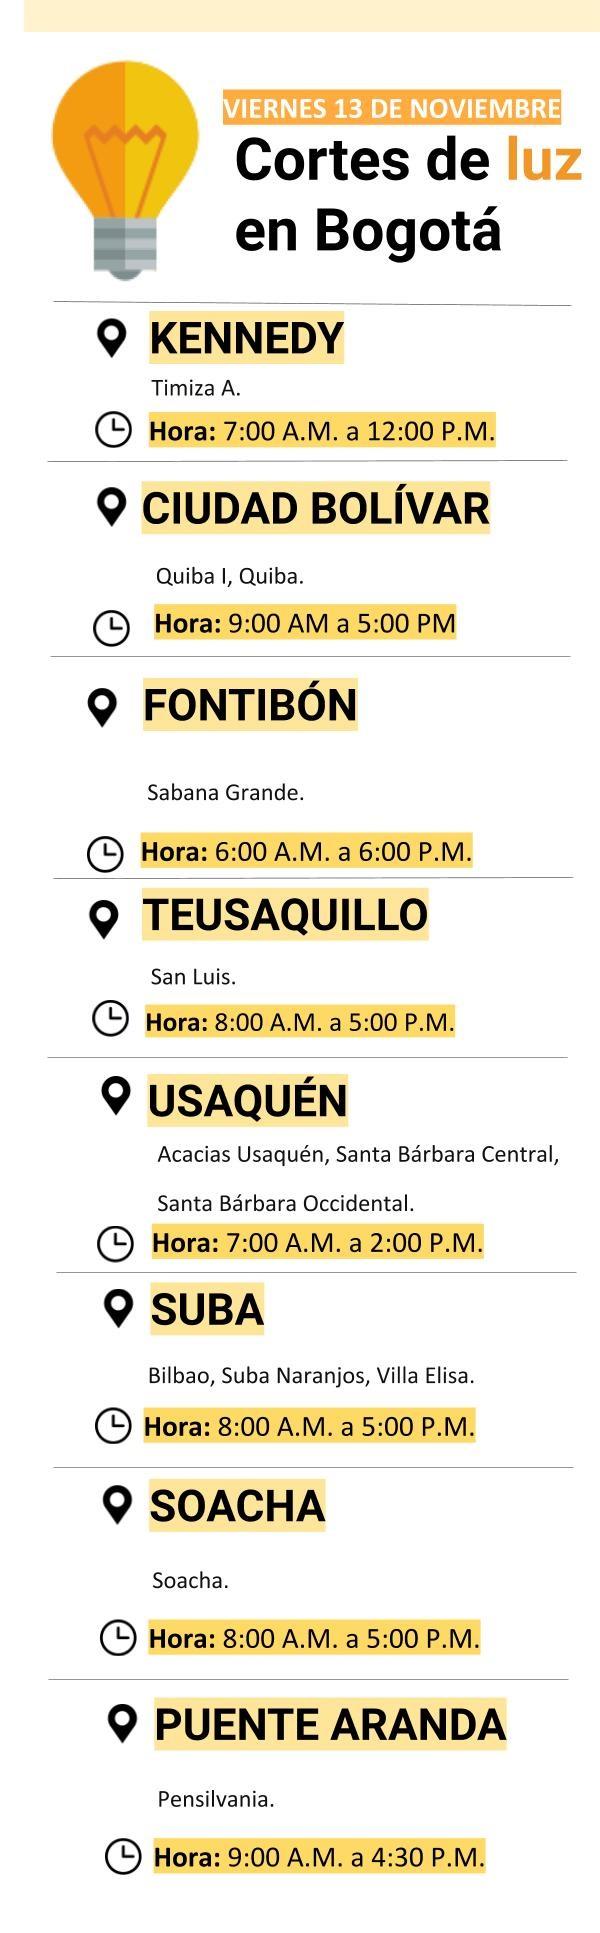 Estos barrios de Bogotá se quedarán sin luz el viernes 13 de noviembre